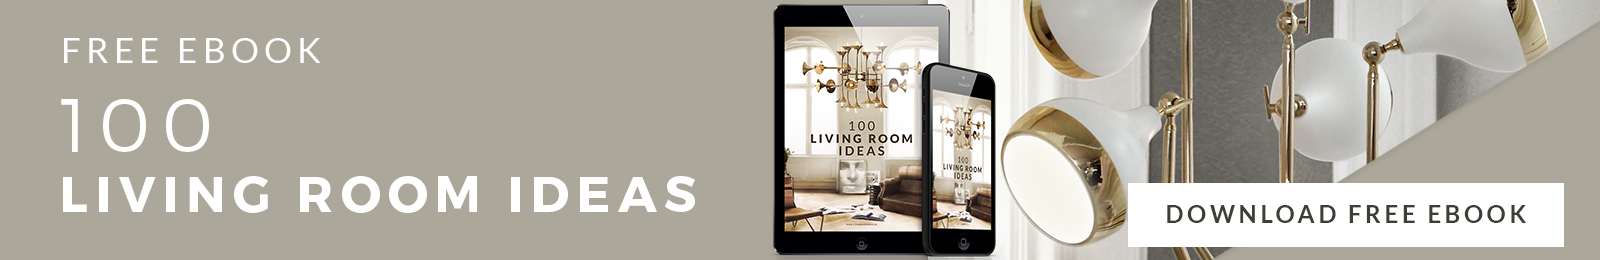 журнальный столик 8 Идей как декорировать журнальный столик с помощью книг 100 living room ideas blog living room ideas 1